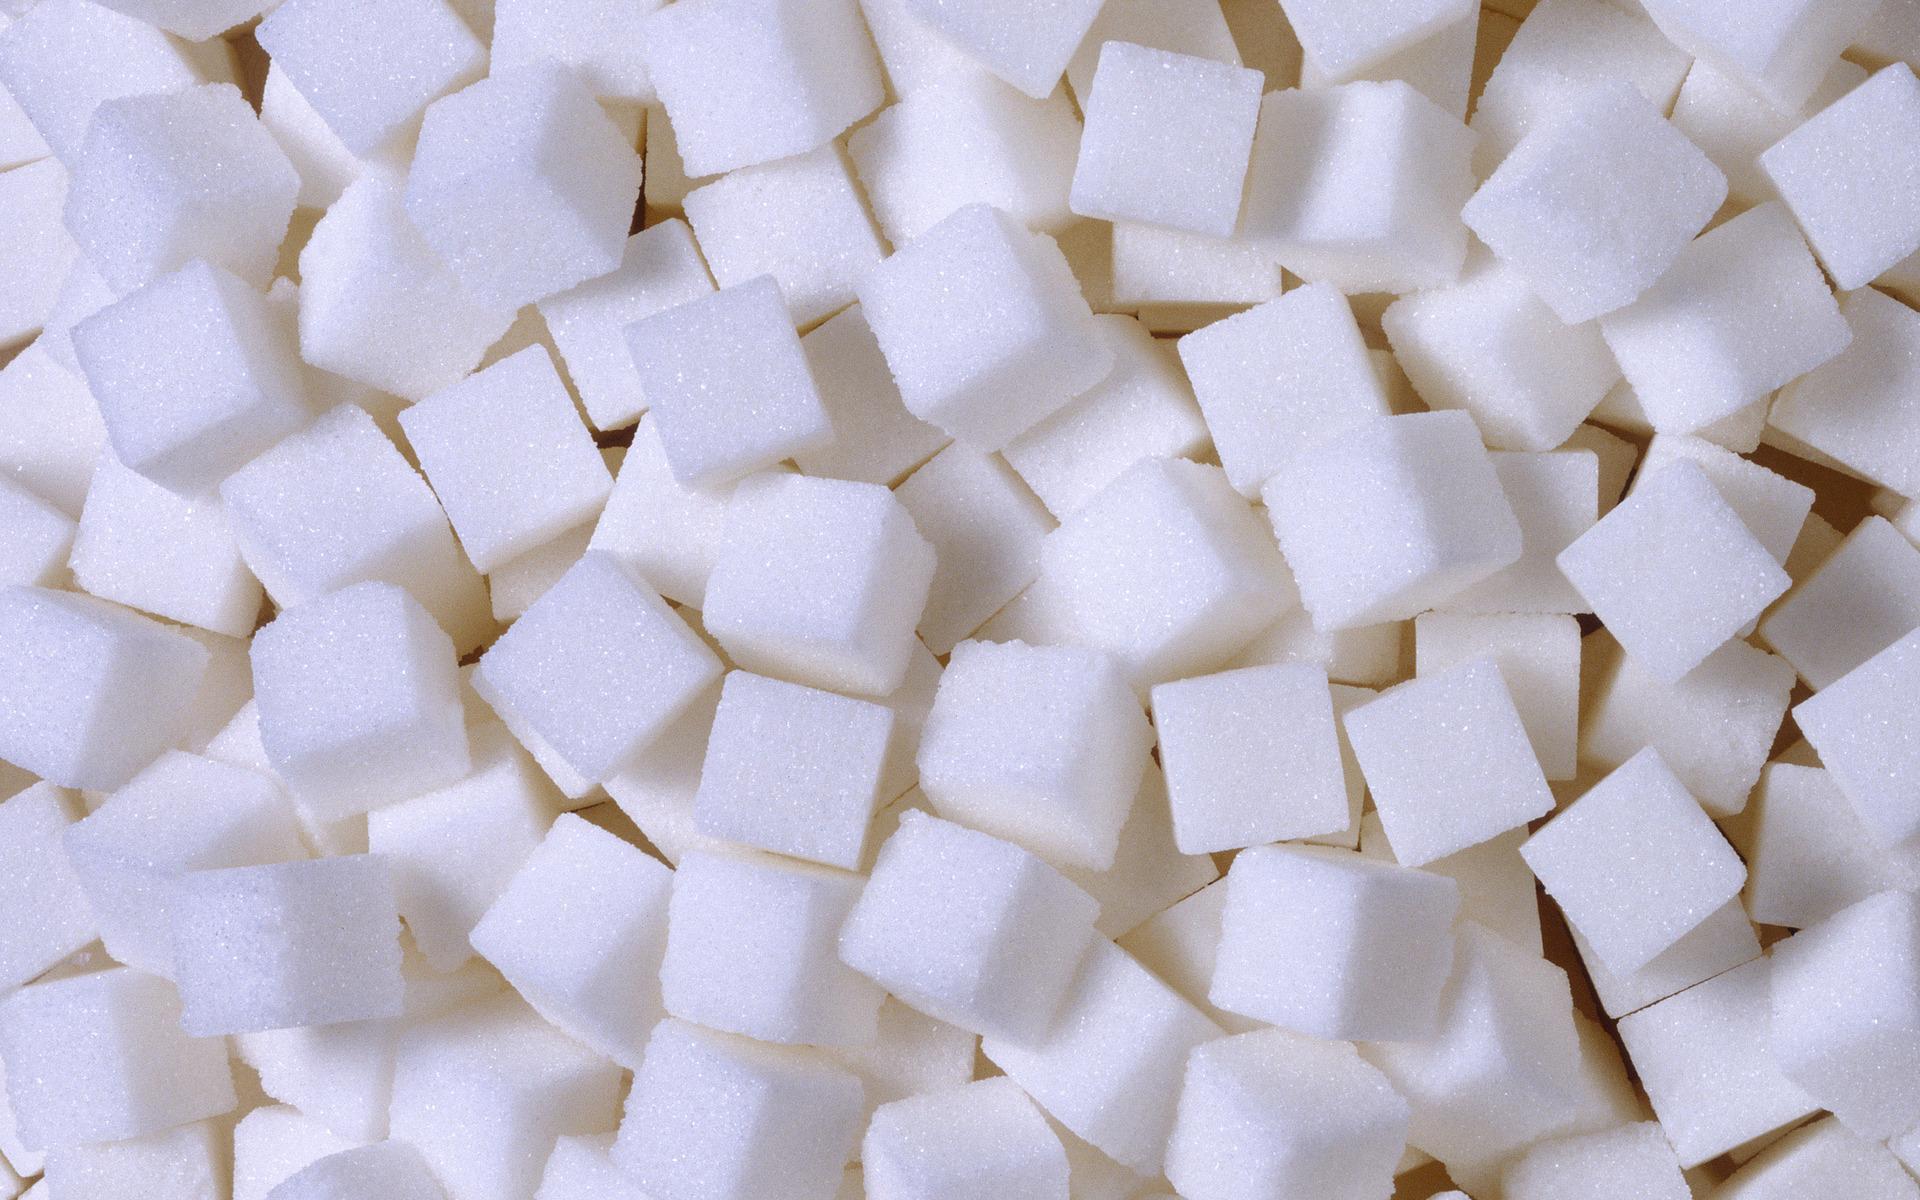 Казахстан ввел льготы на сахар из-за повышения цен на российскую продукцию - Минфин